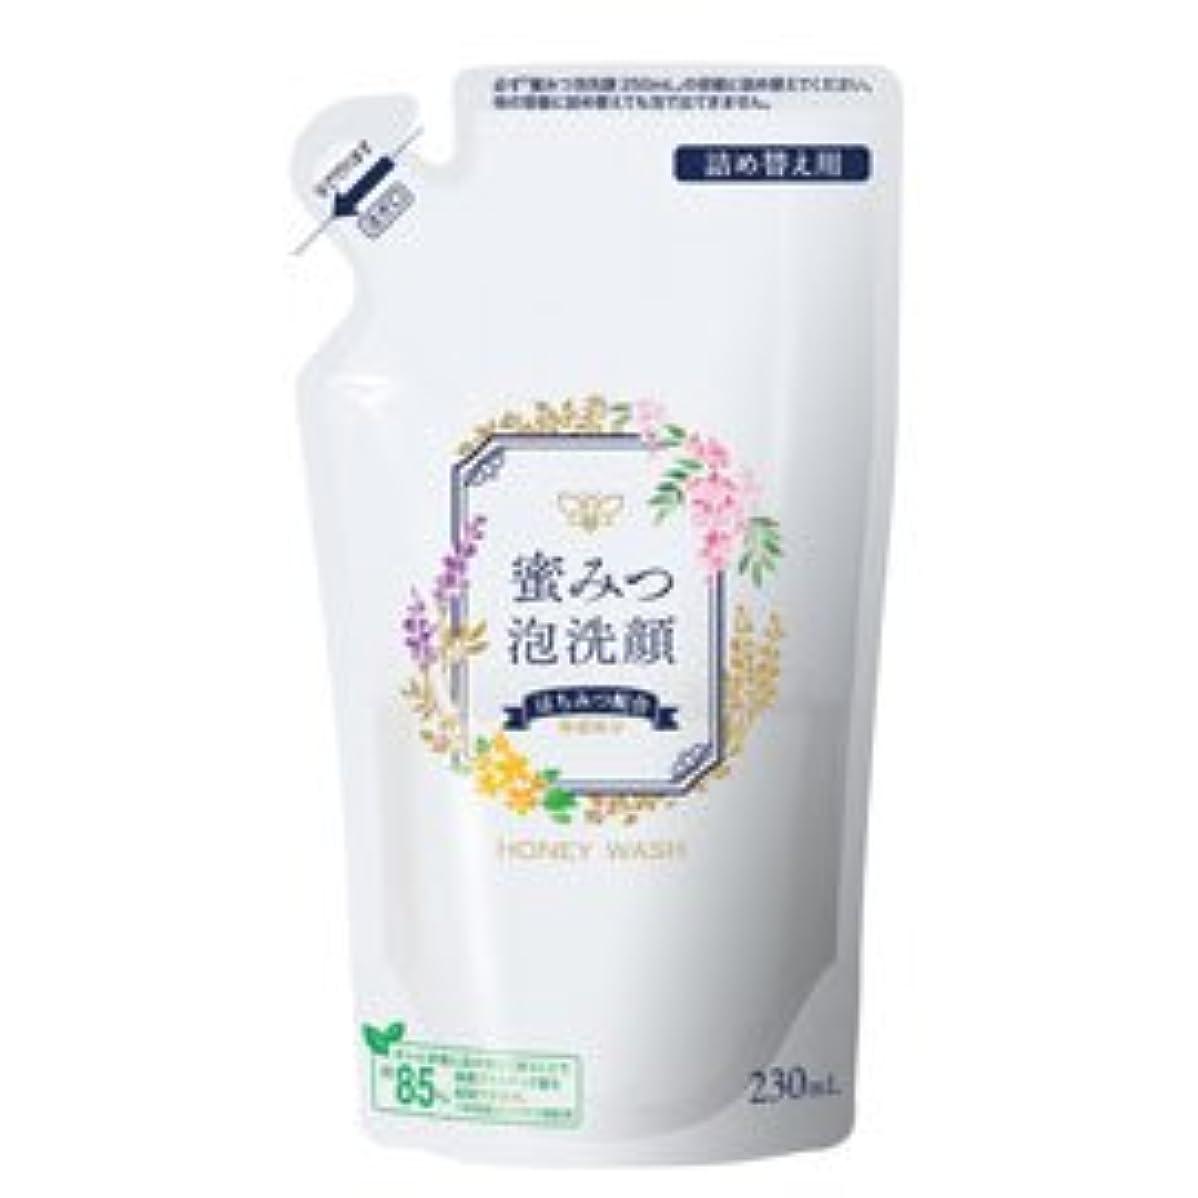 前炭素ドナー蜜みつ泡洗顔 230mL(詰替用)